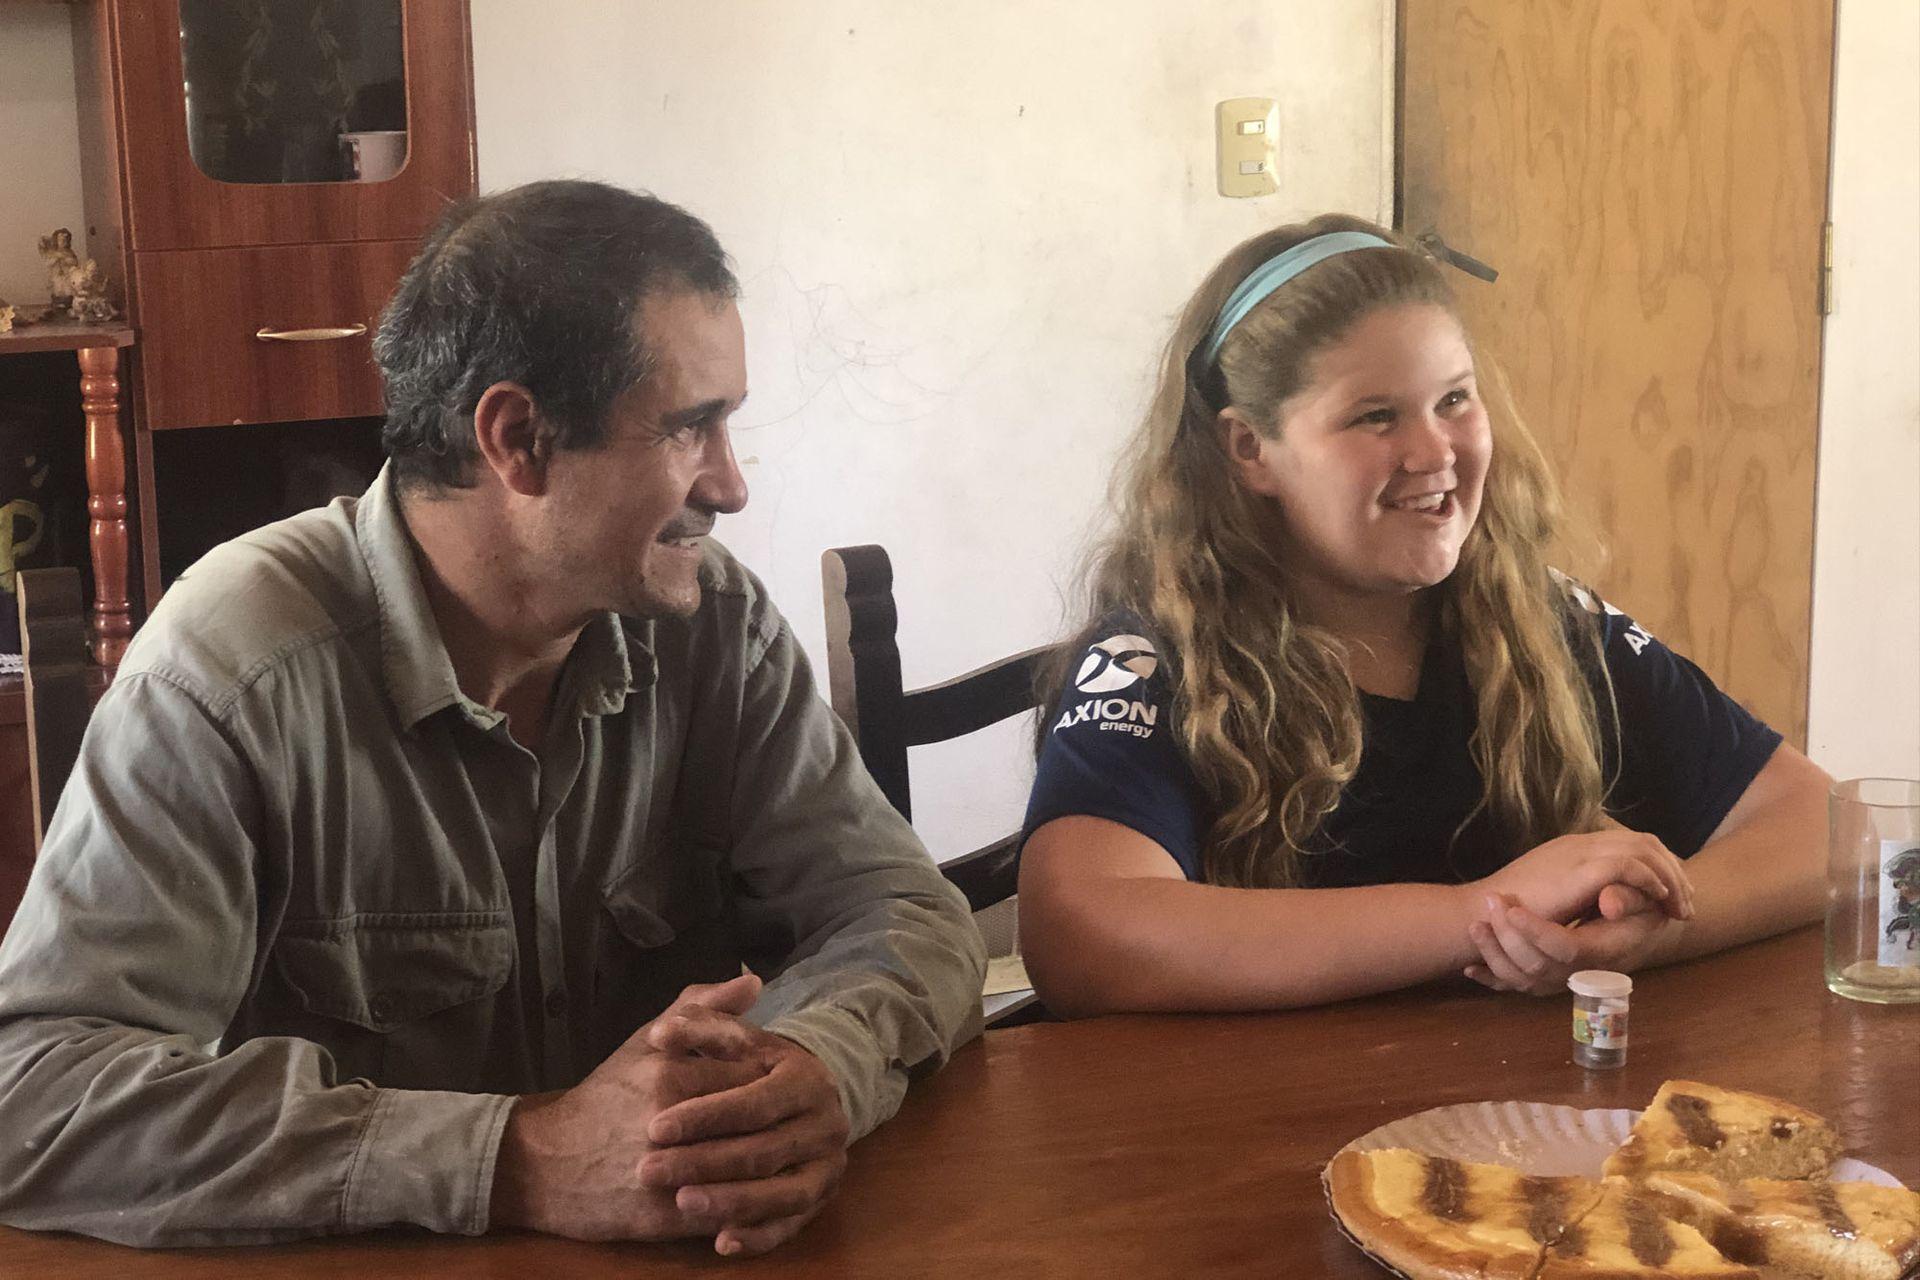 Bianca y Ramón, su papá, toman la merienda. Él le transmitió su amor por los animales y le enseñó a cuidar a los pollos de la granja